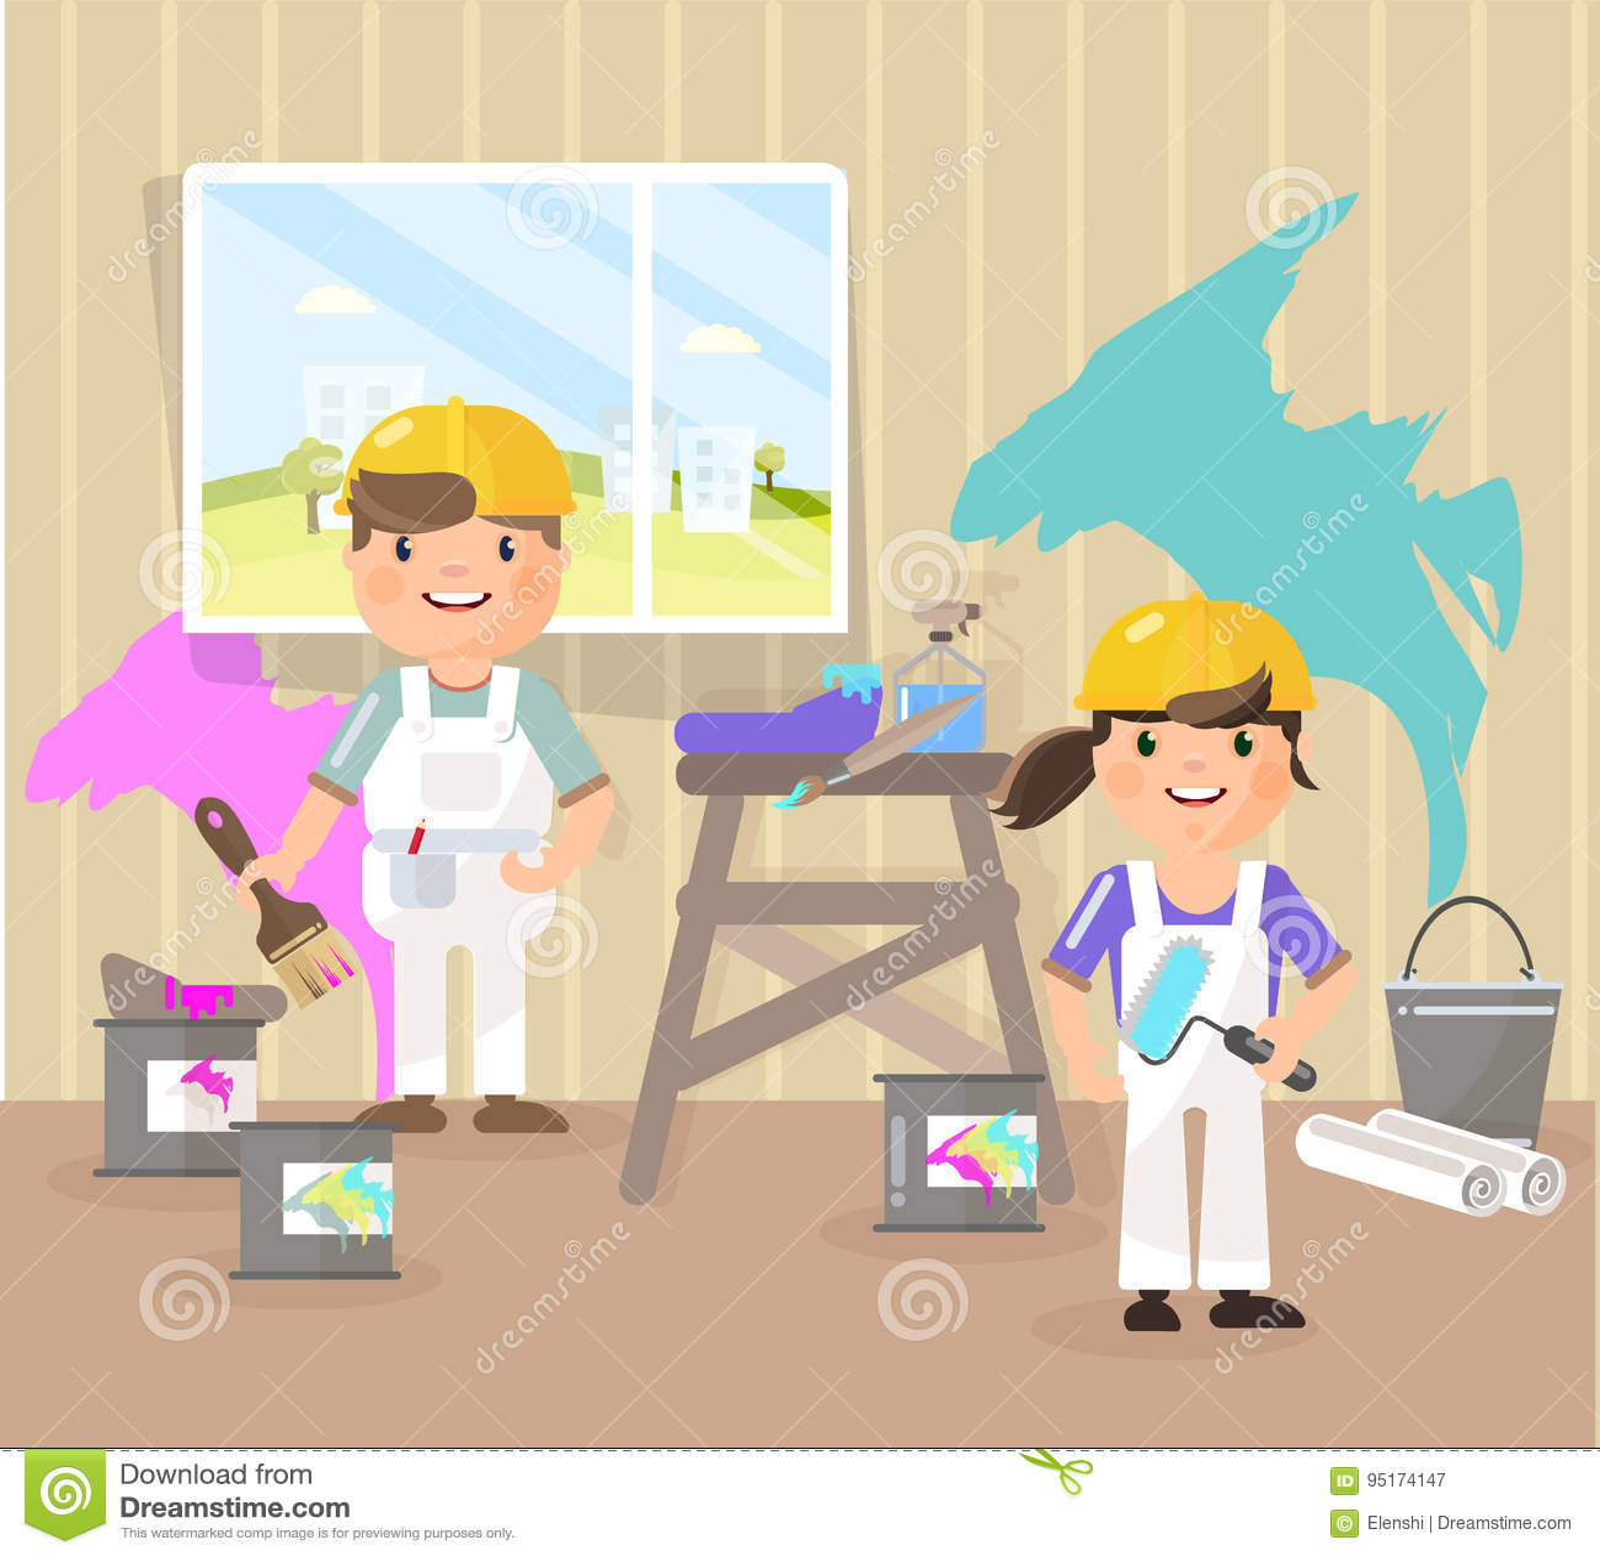 Vectorbeeld in de stijl van vlakte, beeldverhaal De schilders schilderen de ruimte, opnemen de kleur blauw, roze